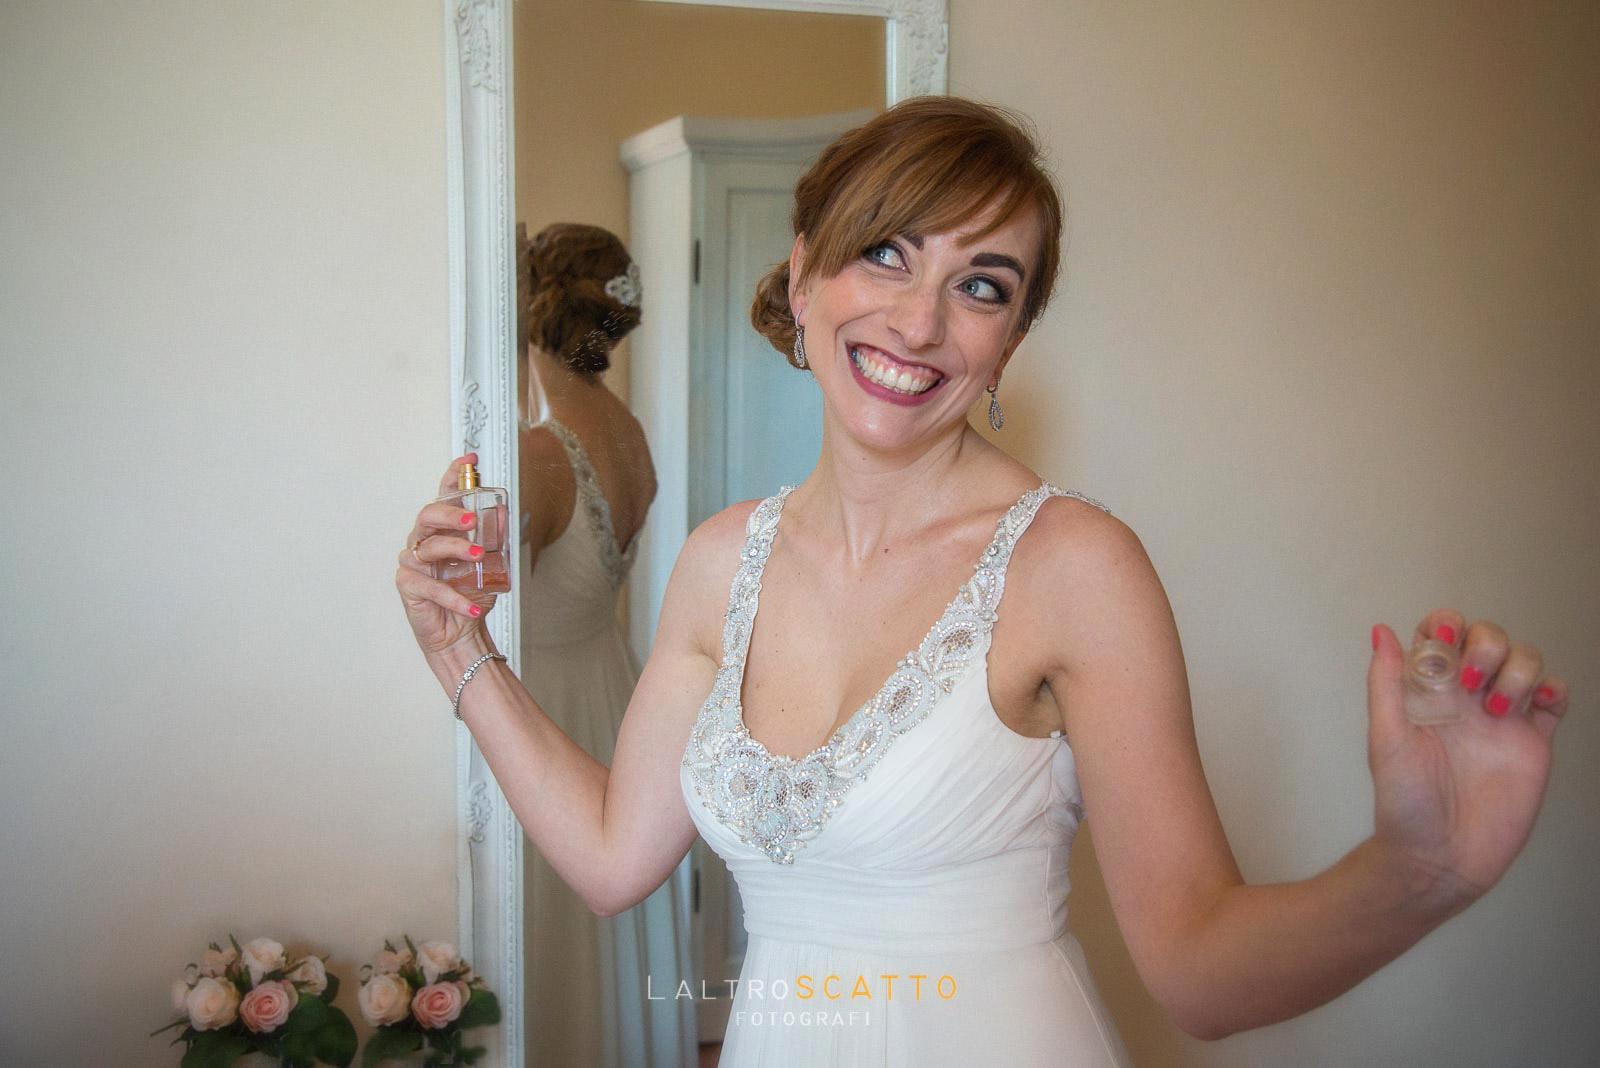 foto preparazione matrimonio: il divertimento della sposa